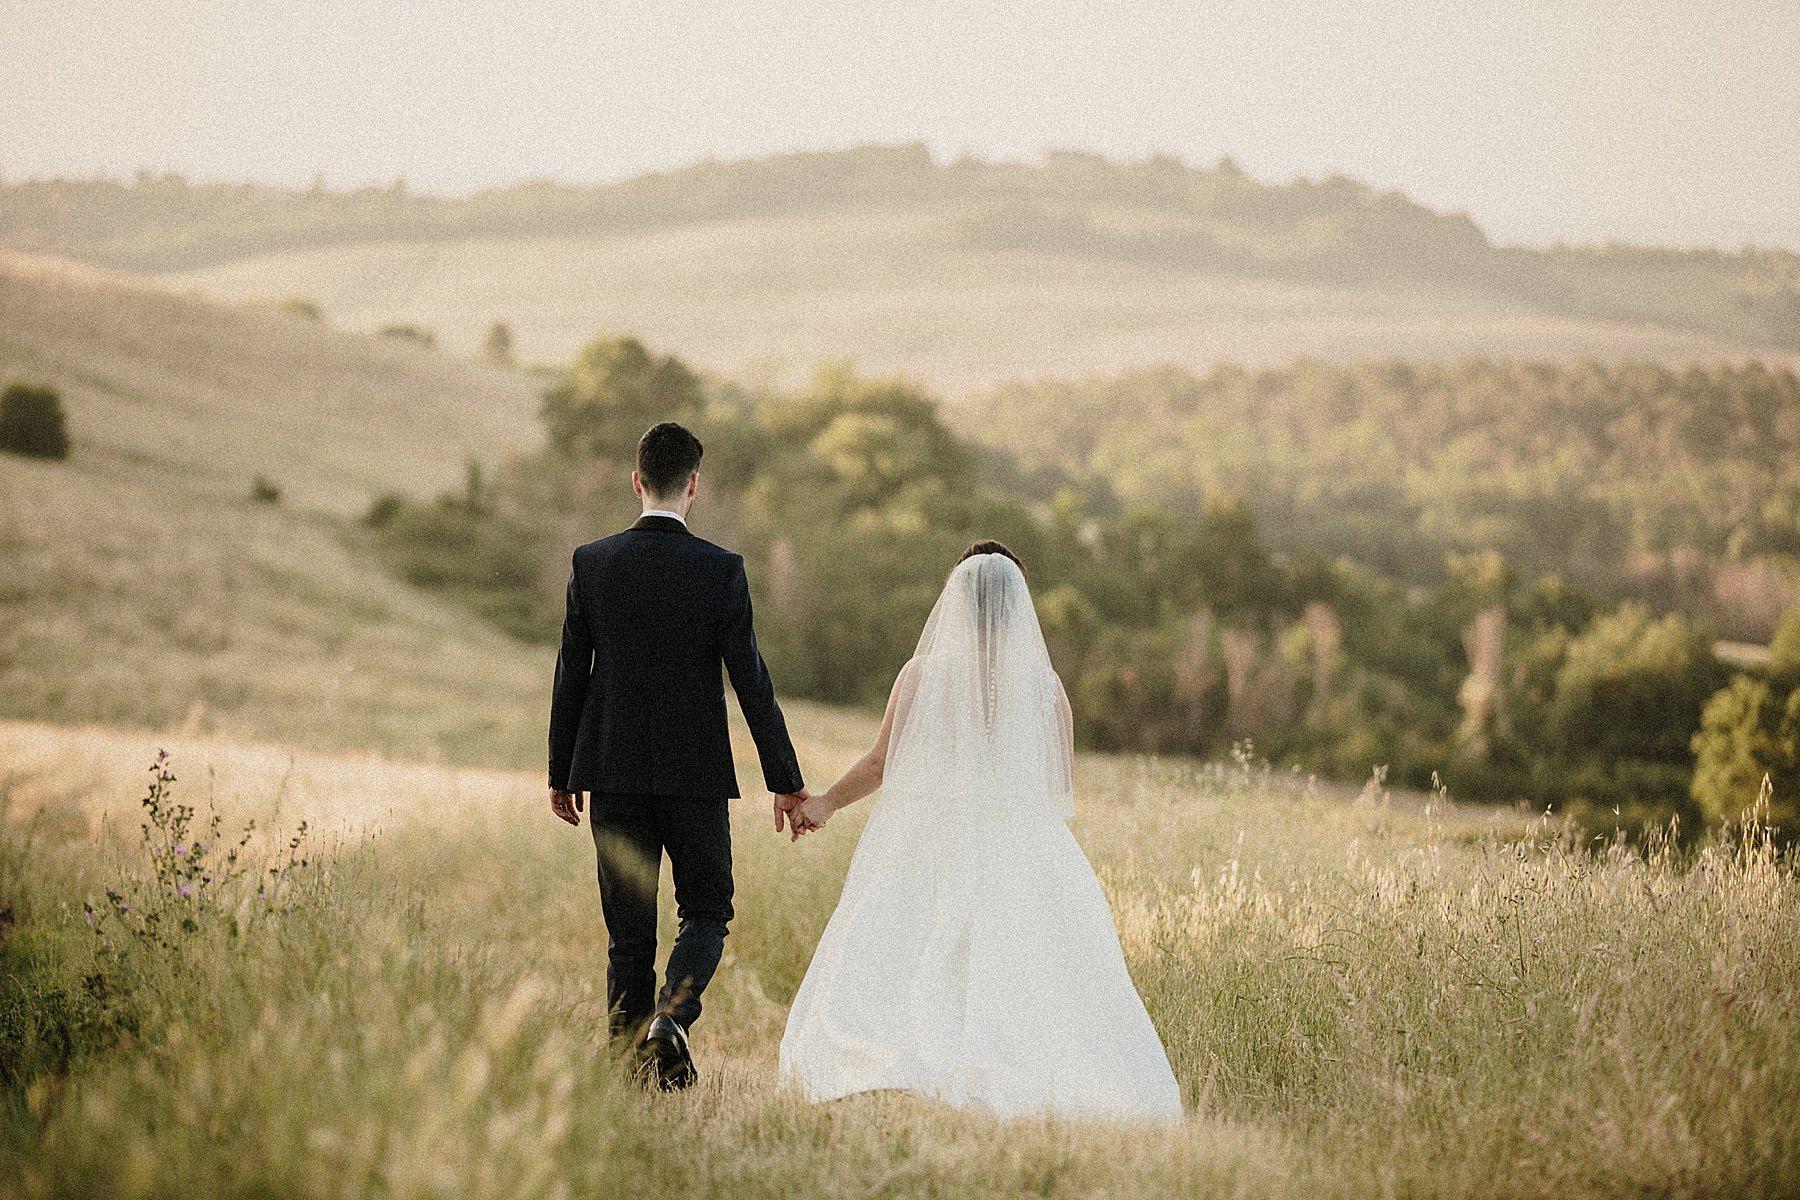 matrimonio tenuta bichi borghesi monteriggioni 3038